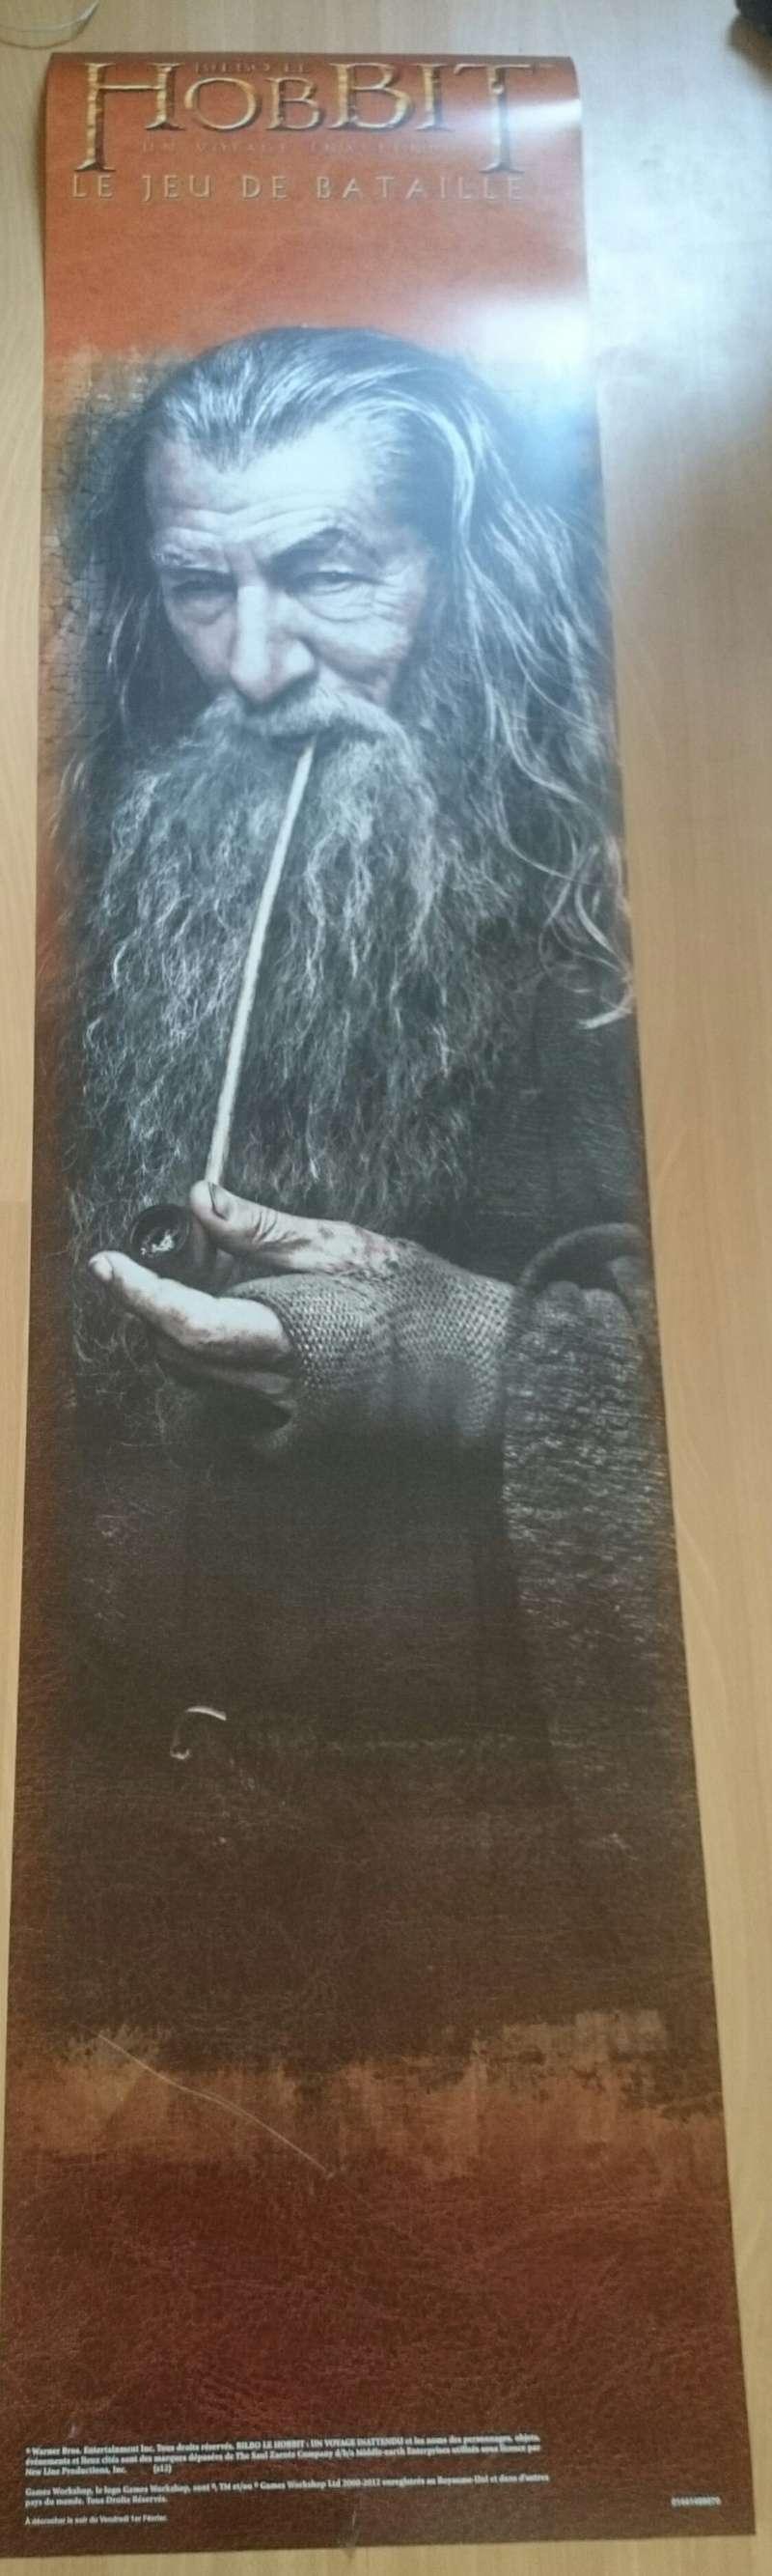 Poster Le Hobbit - Le jeu de bataille Img_2010